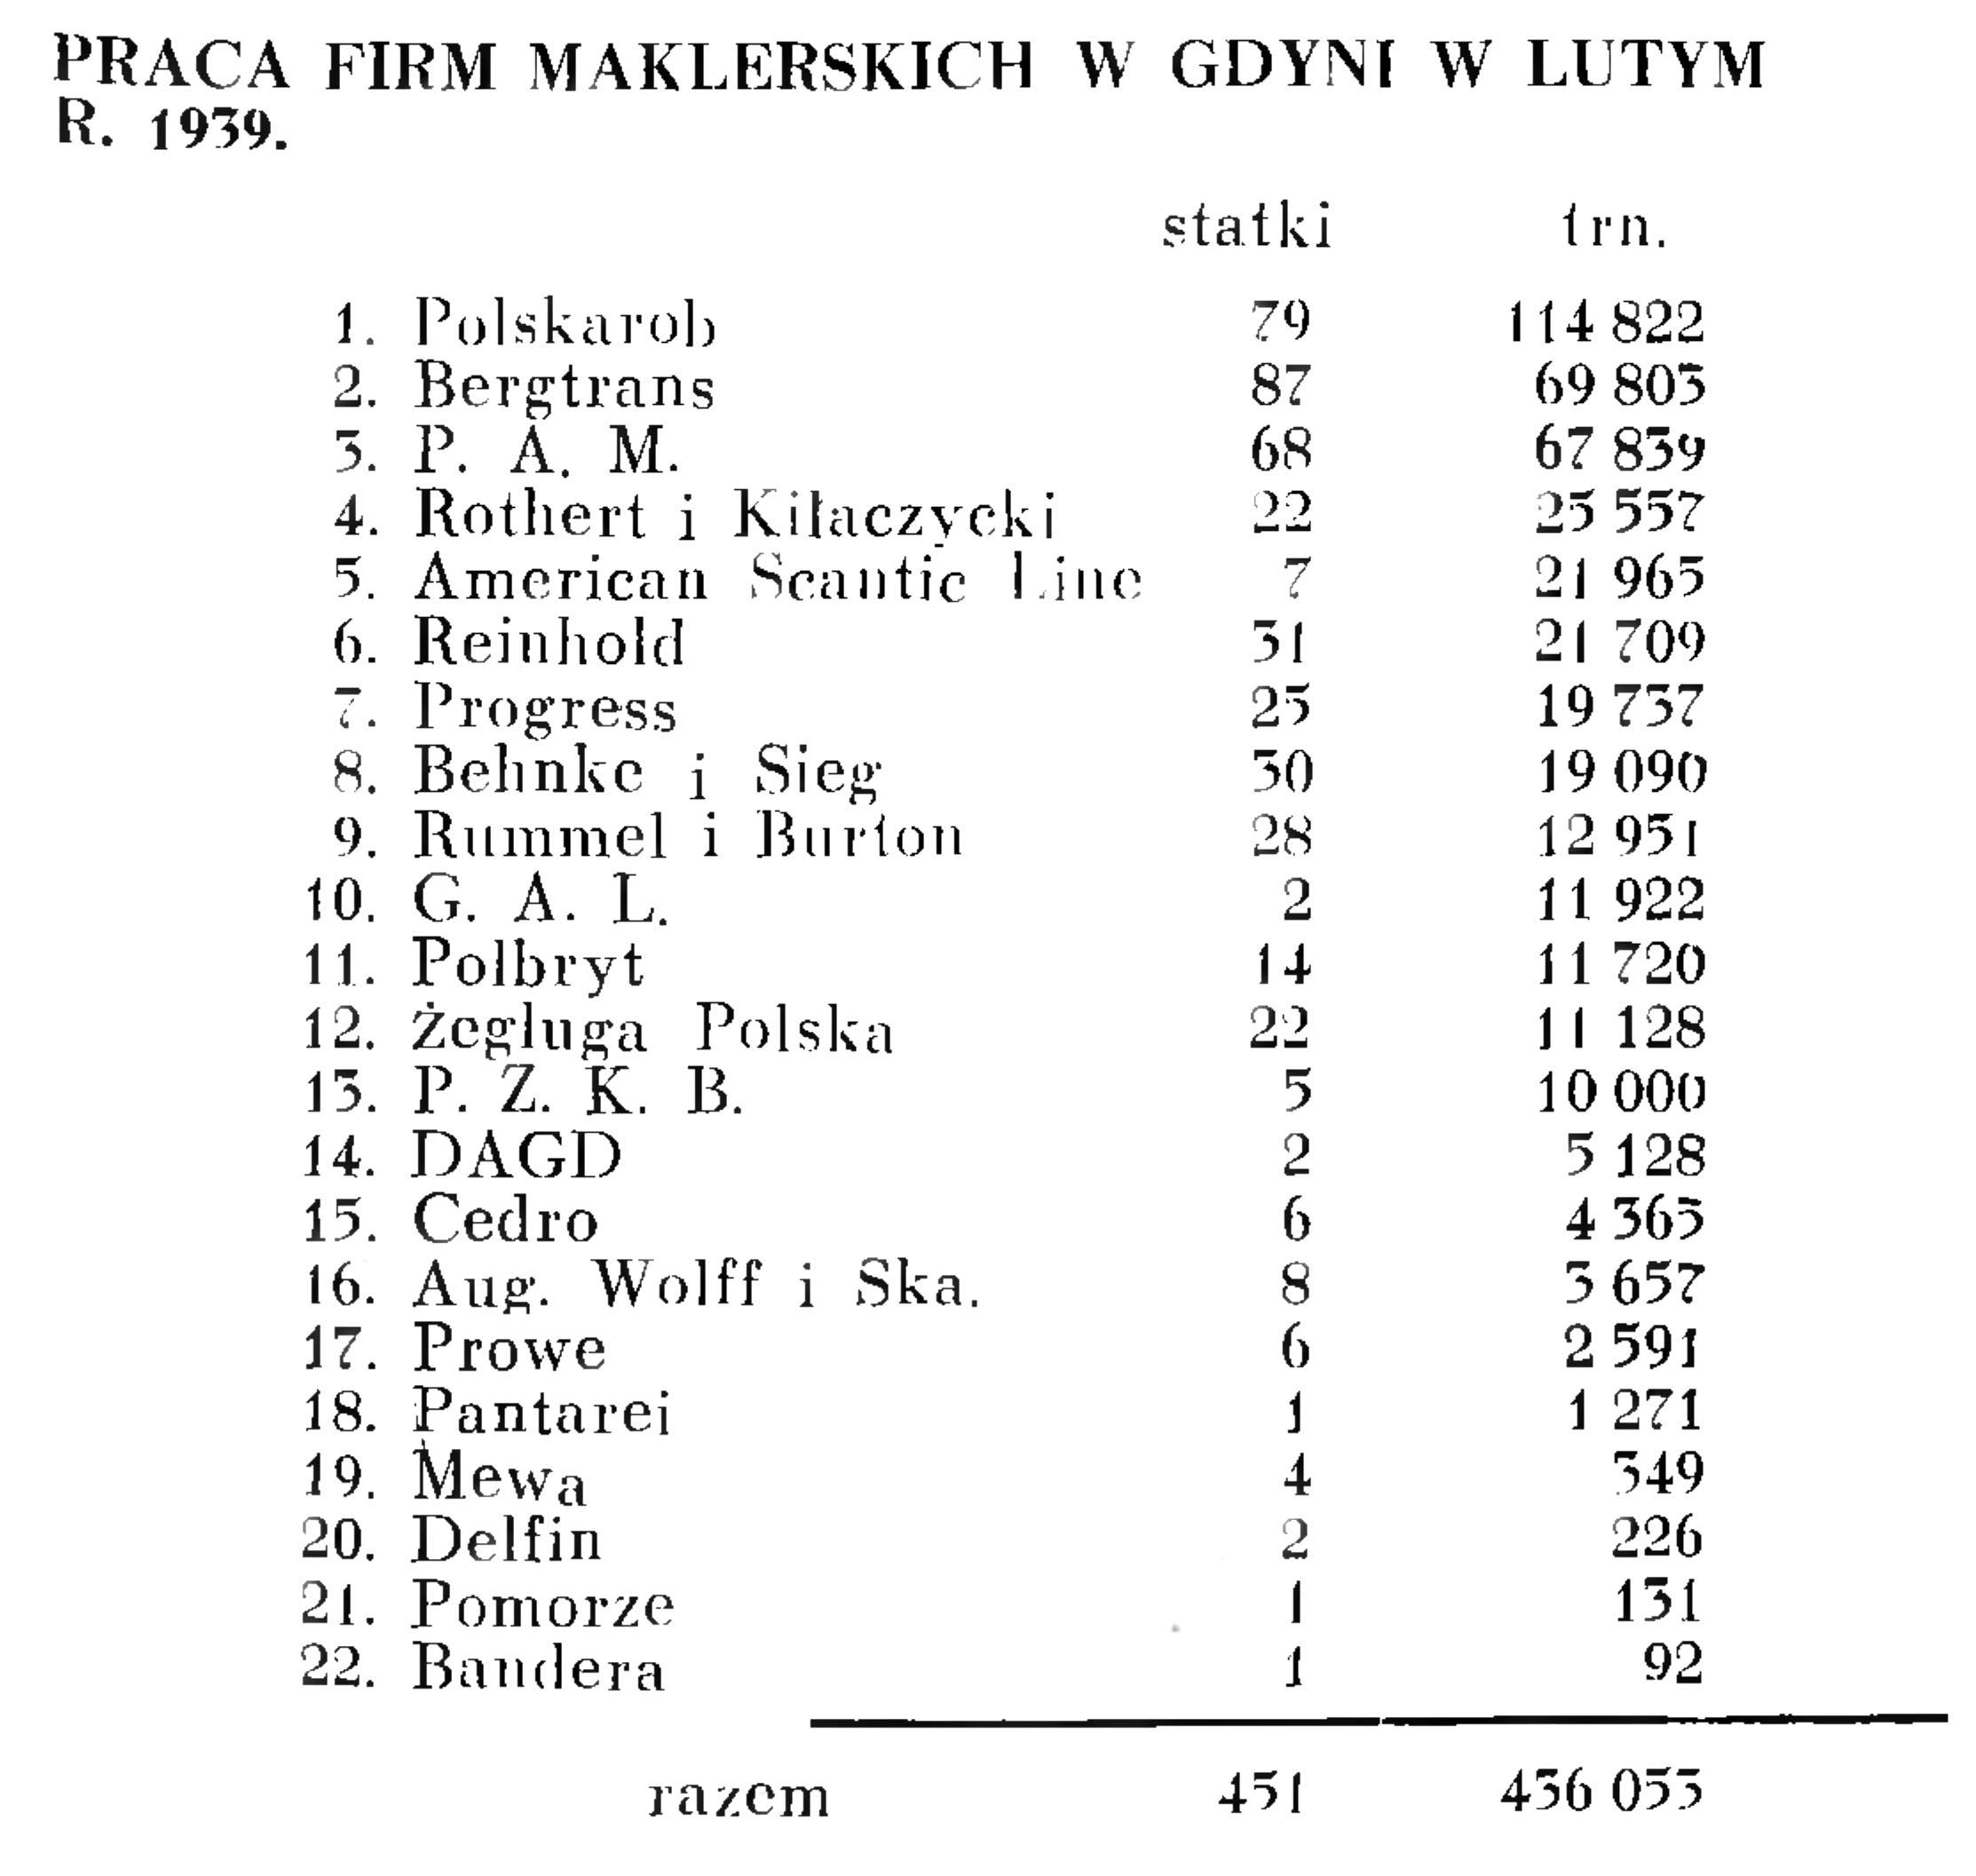 Praca firm maklerskich w Gdyni w lutym r. 1939 // Wiadomości Portowe. - 1939, nr 3, s. 17